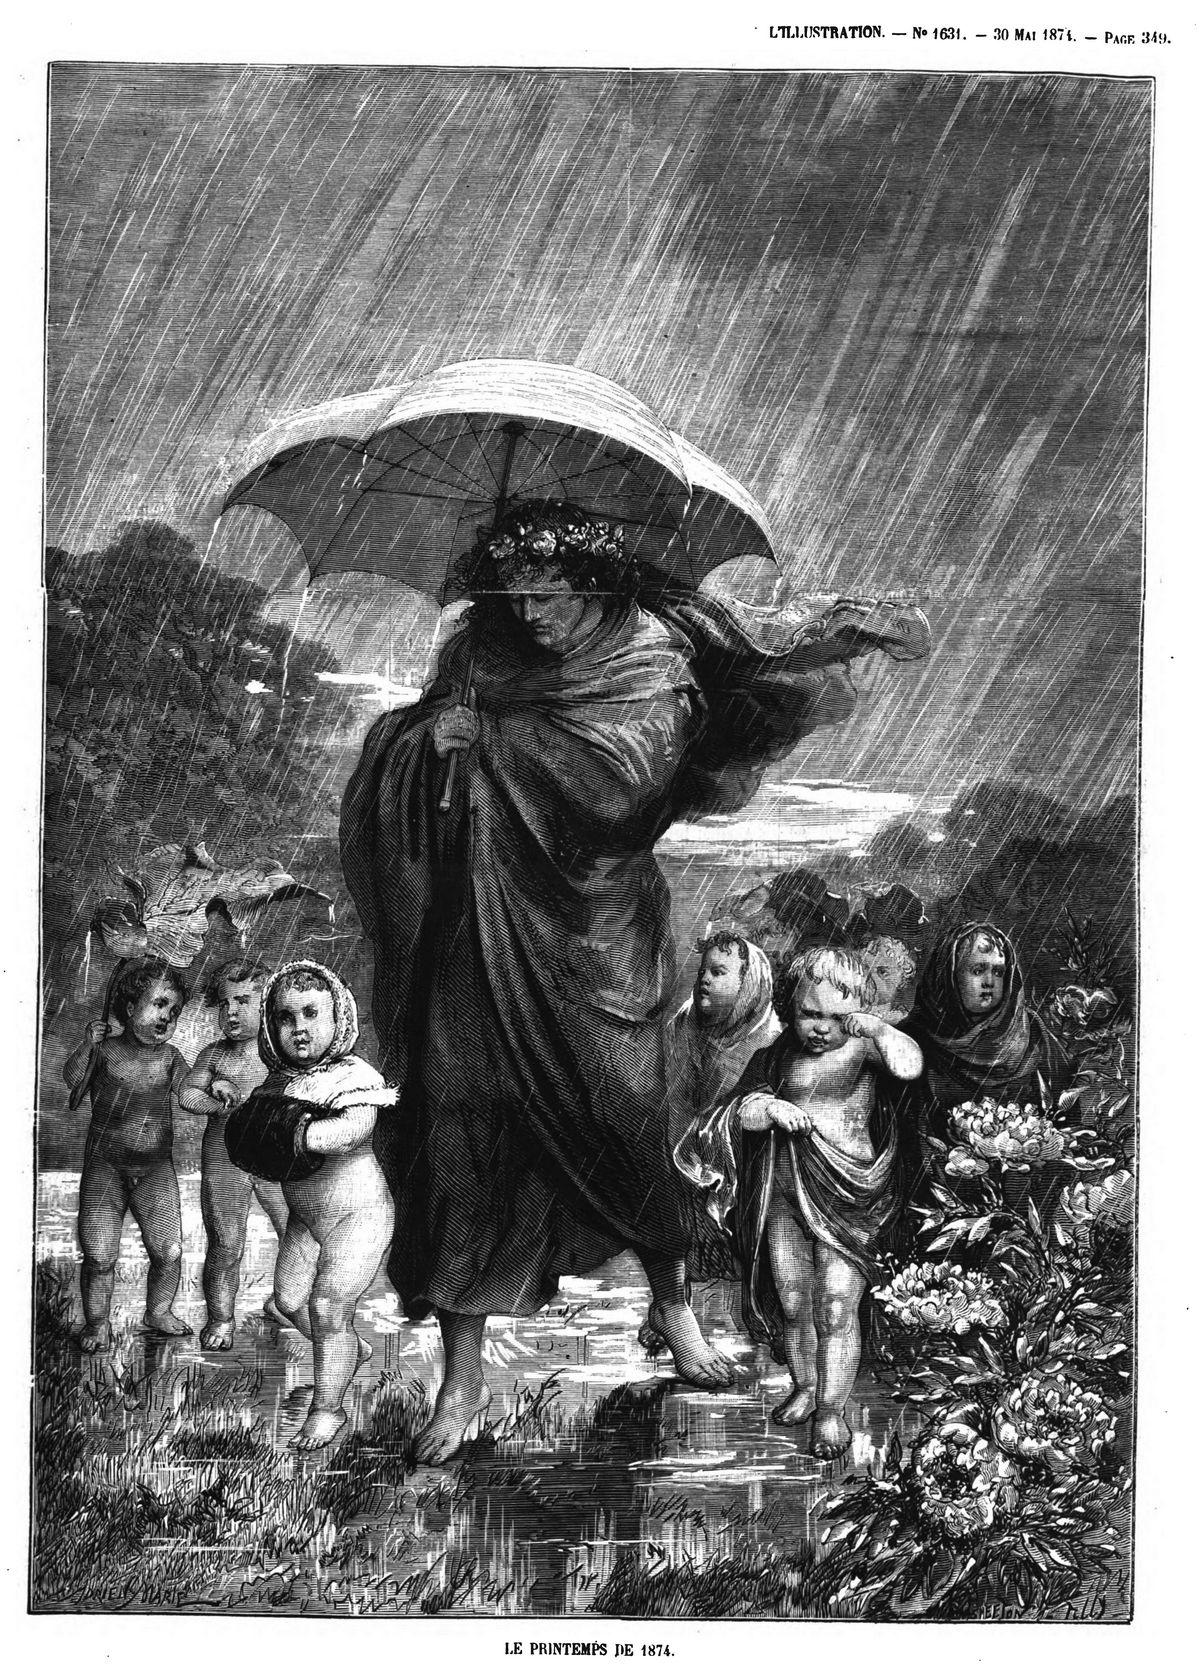 Le printemps de 1871. (gravure 1874)